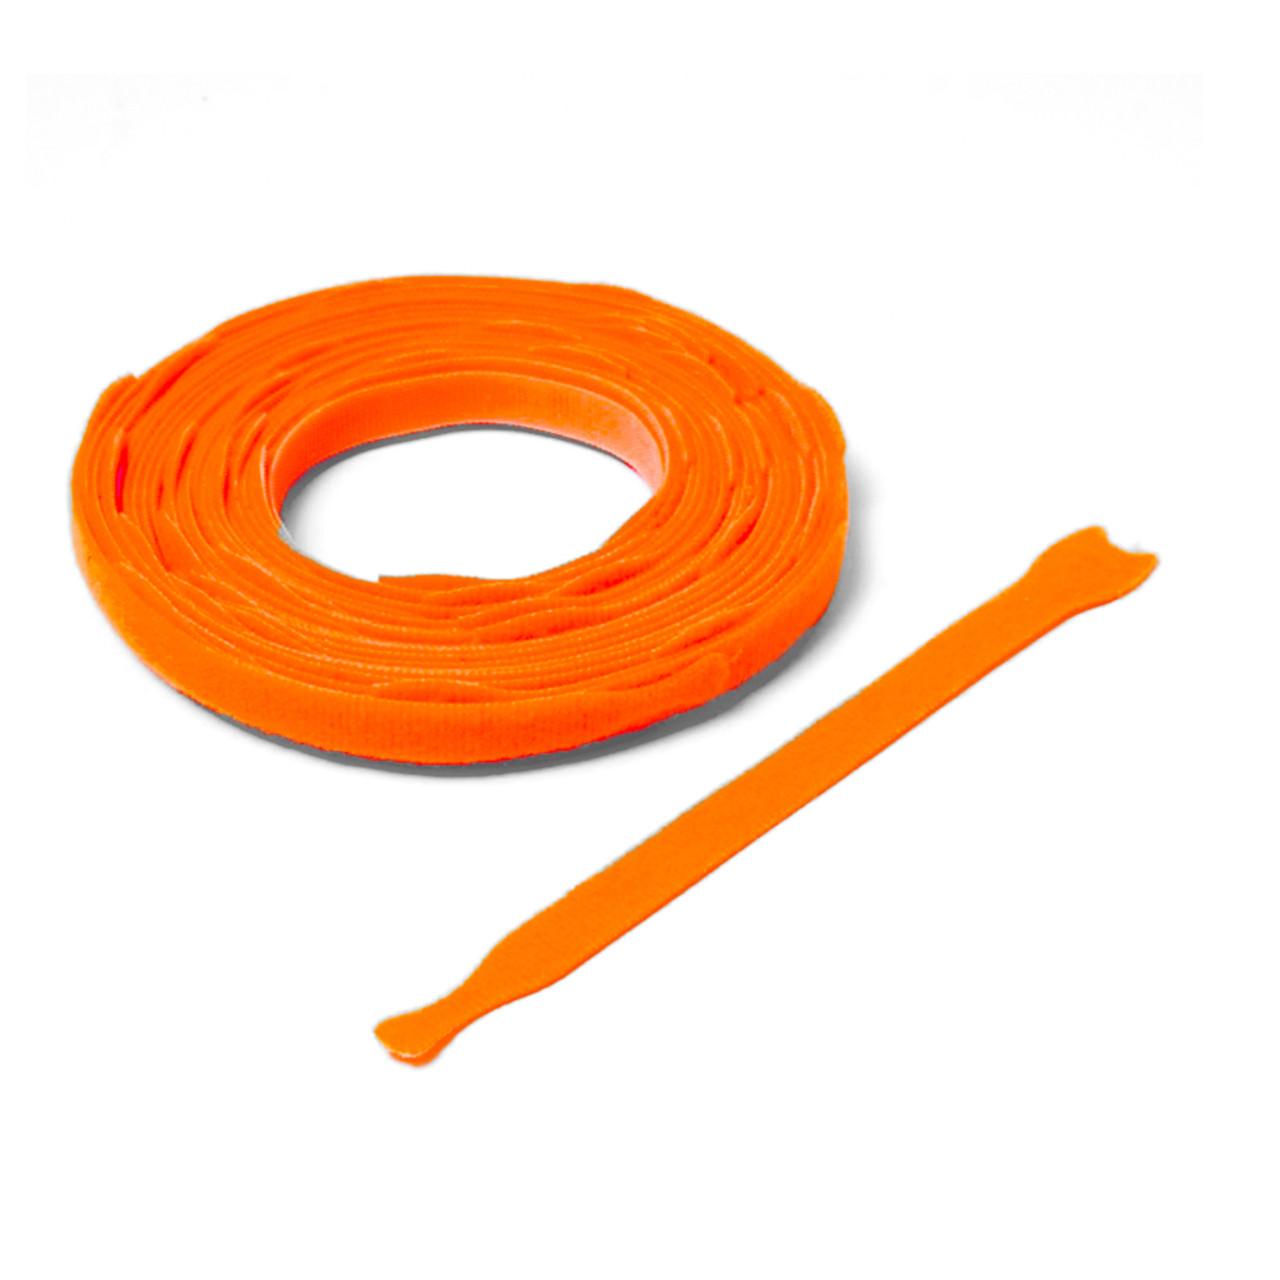 VELCRO ® Brand ONE-WRAP ® Die-Cut Straps - Orange